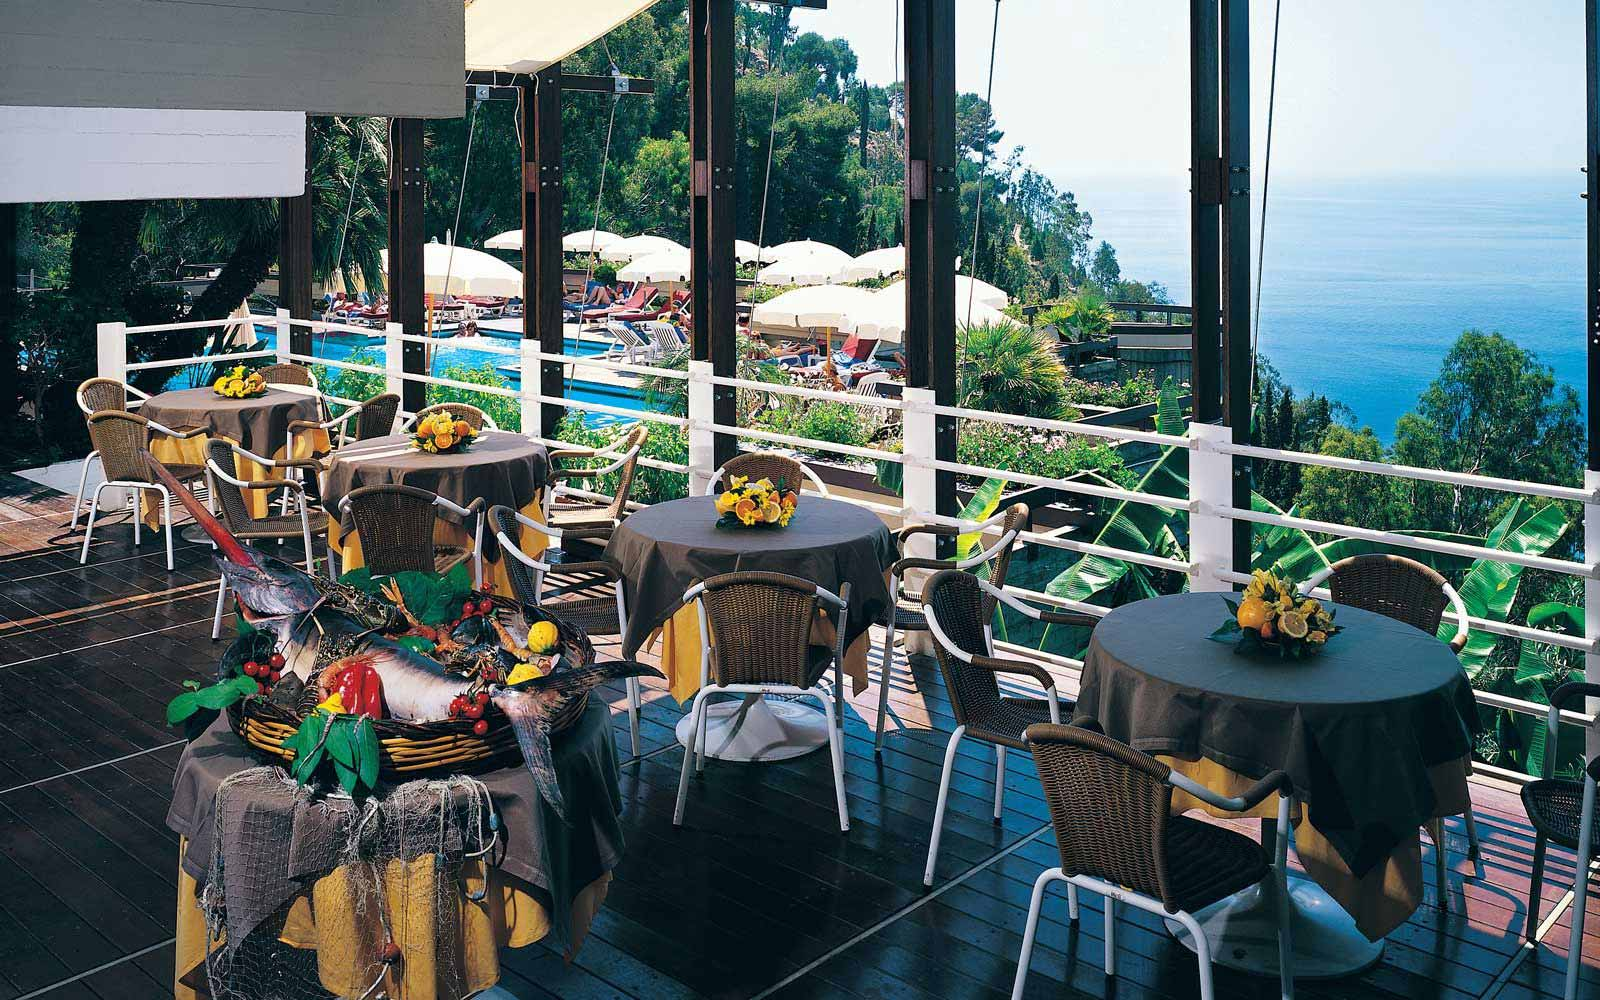 Restaurant at Hotel Monte Tauro